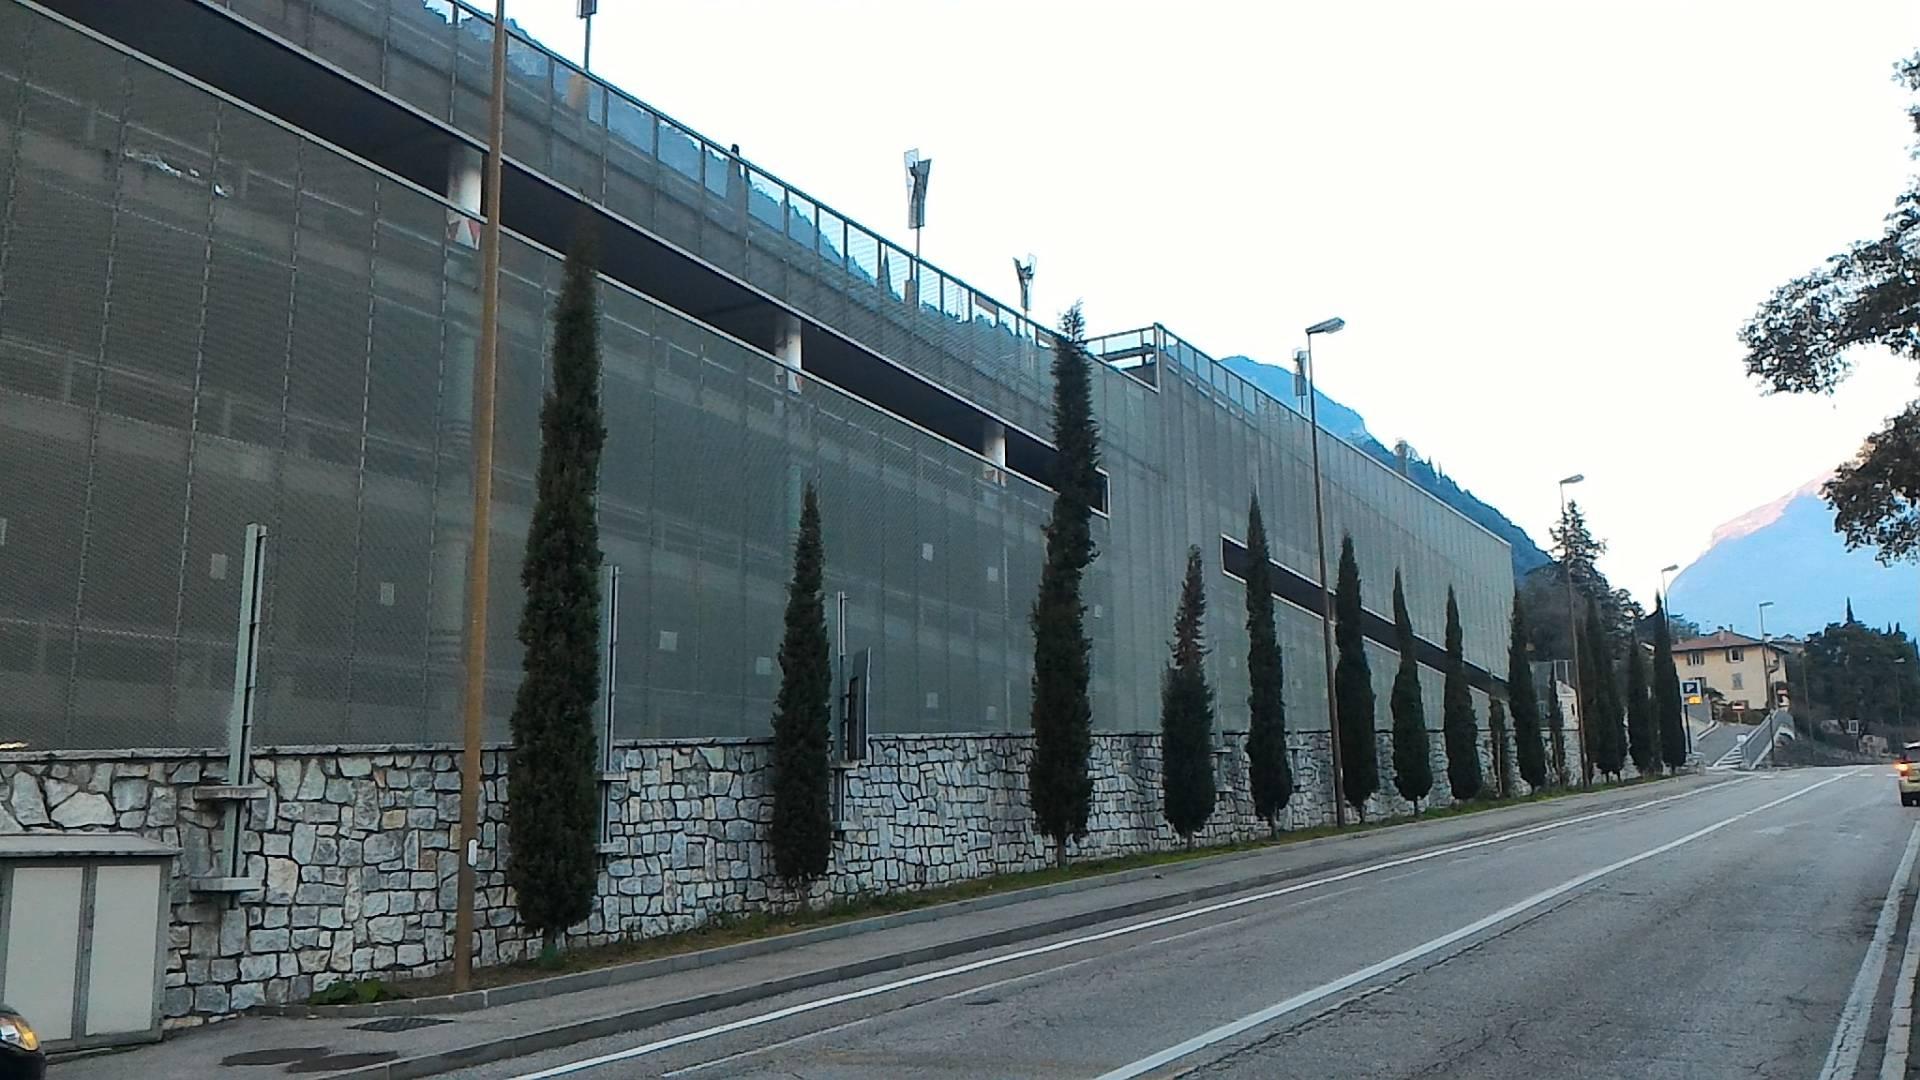 Appartamento in vendita a Riva del Garda, 1 locali, zona Zona: Riva, Trattative riservate | Cambio Casa.it